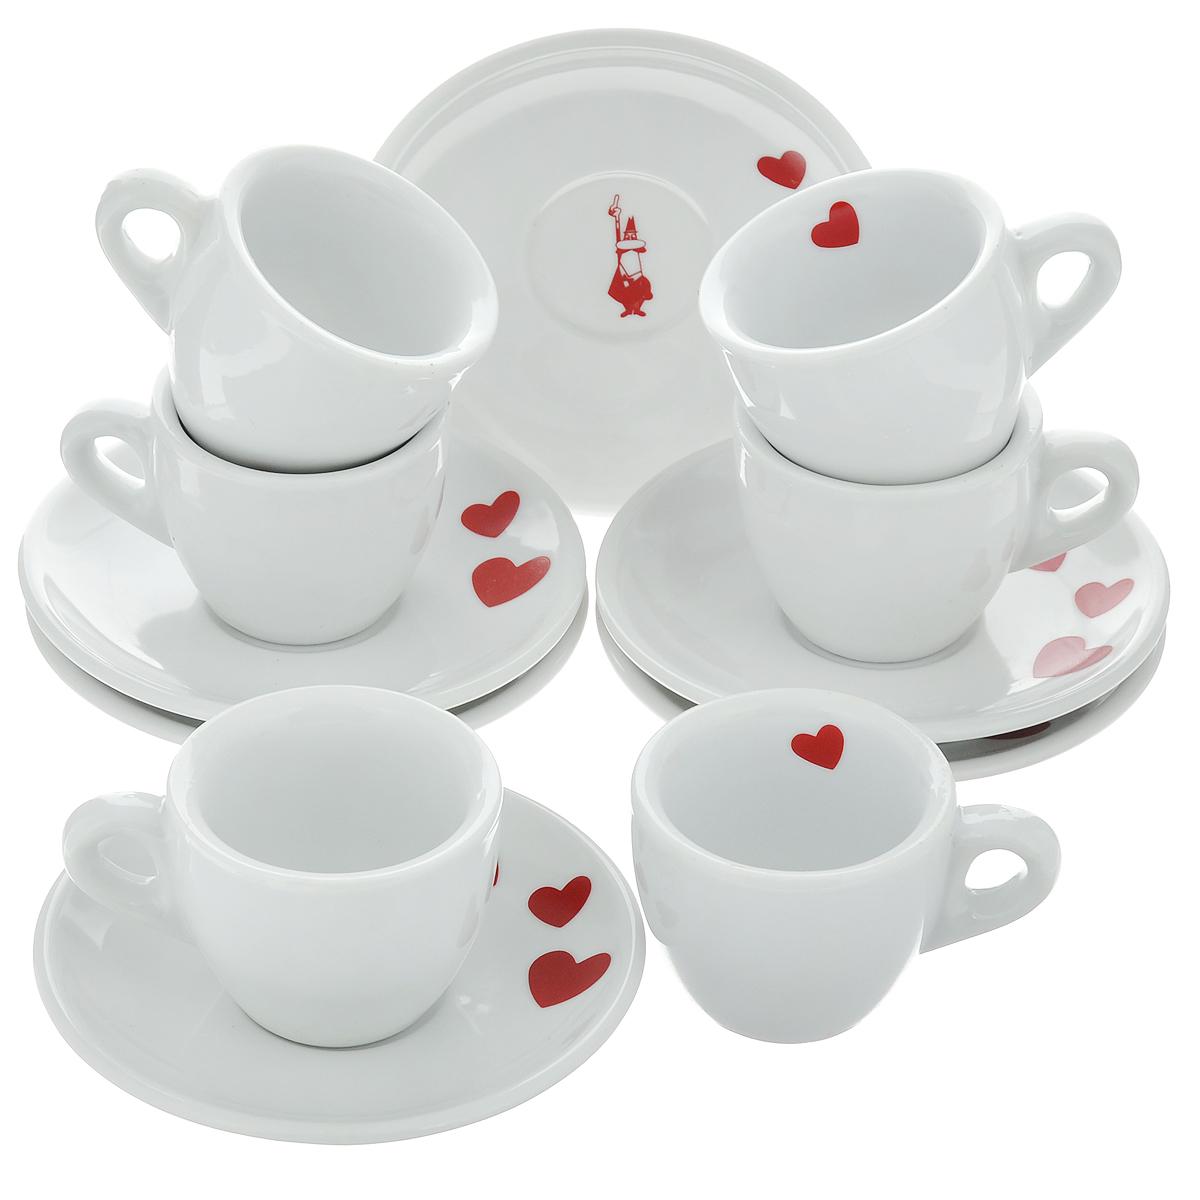 Набор чашек для кофе Bialetti, с блюдцами, цвет: белый, красный, 12 предметов115510Набор Bialetti состоит из 6 чашек для кофе и 6 блюдец, выполненных из высококачественной керамики. Материал изделий абсолютно безопасен для здоровья. Набор Bialetti оригинального дизайна позволит насладиться вашими любимыми напитками. Прекрасный подарок для друзей и близких. Можно мыть в посудомоечной машине. Объем чашки: 60 мл. Диаметр (по верхнему краю): 6 см. Высота чашки: 5 см.